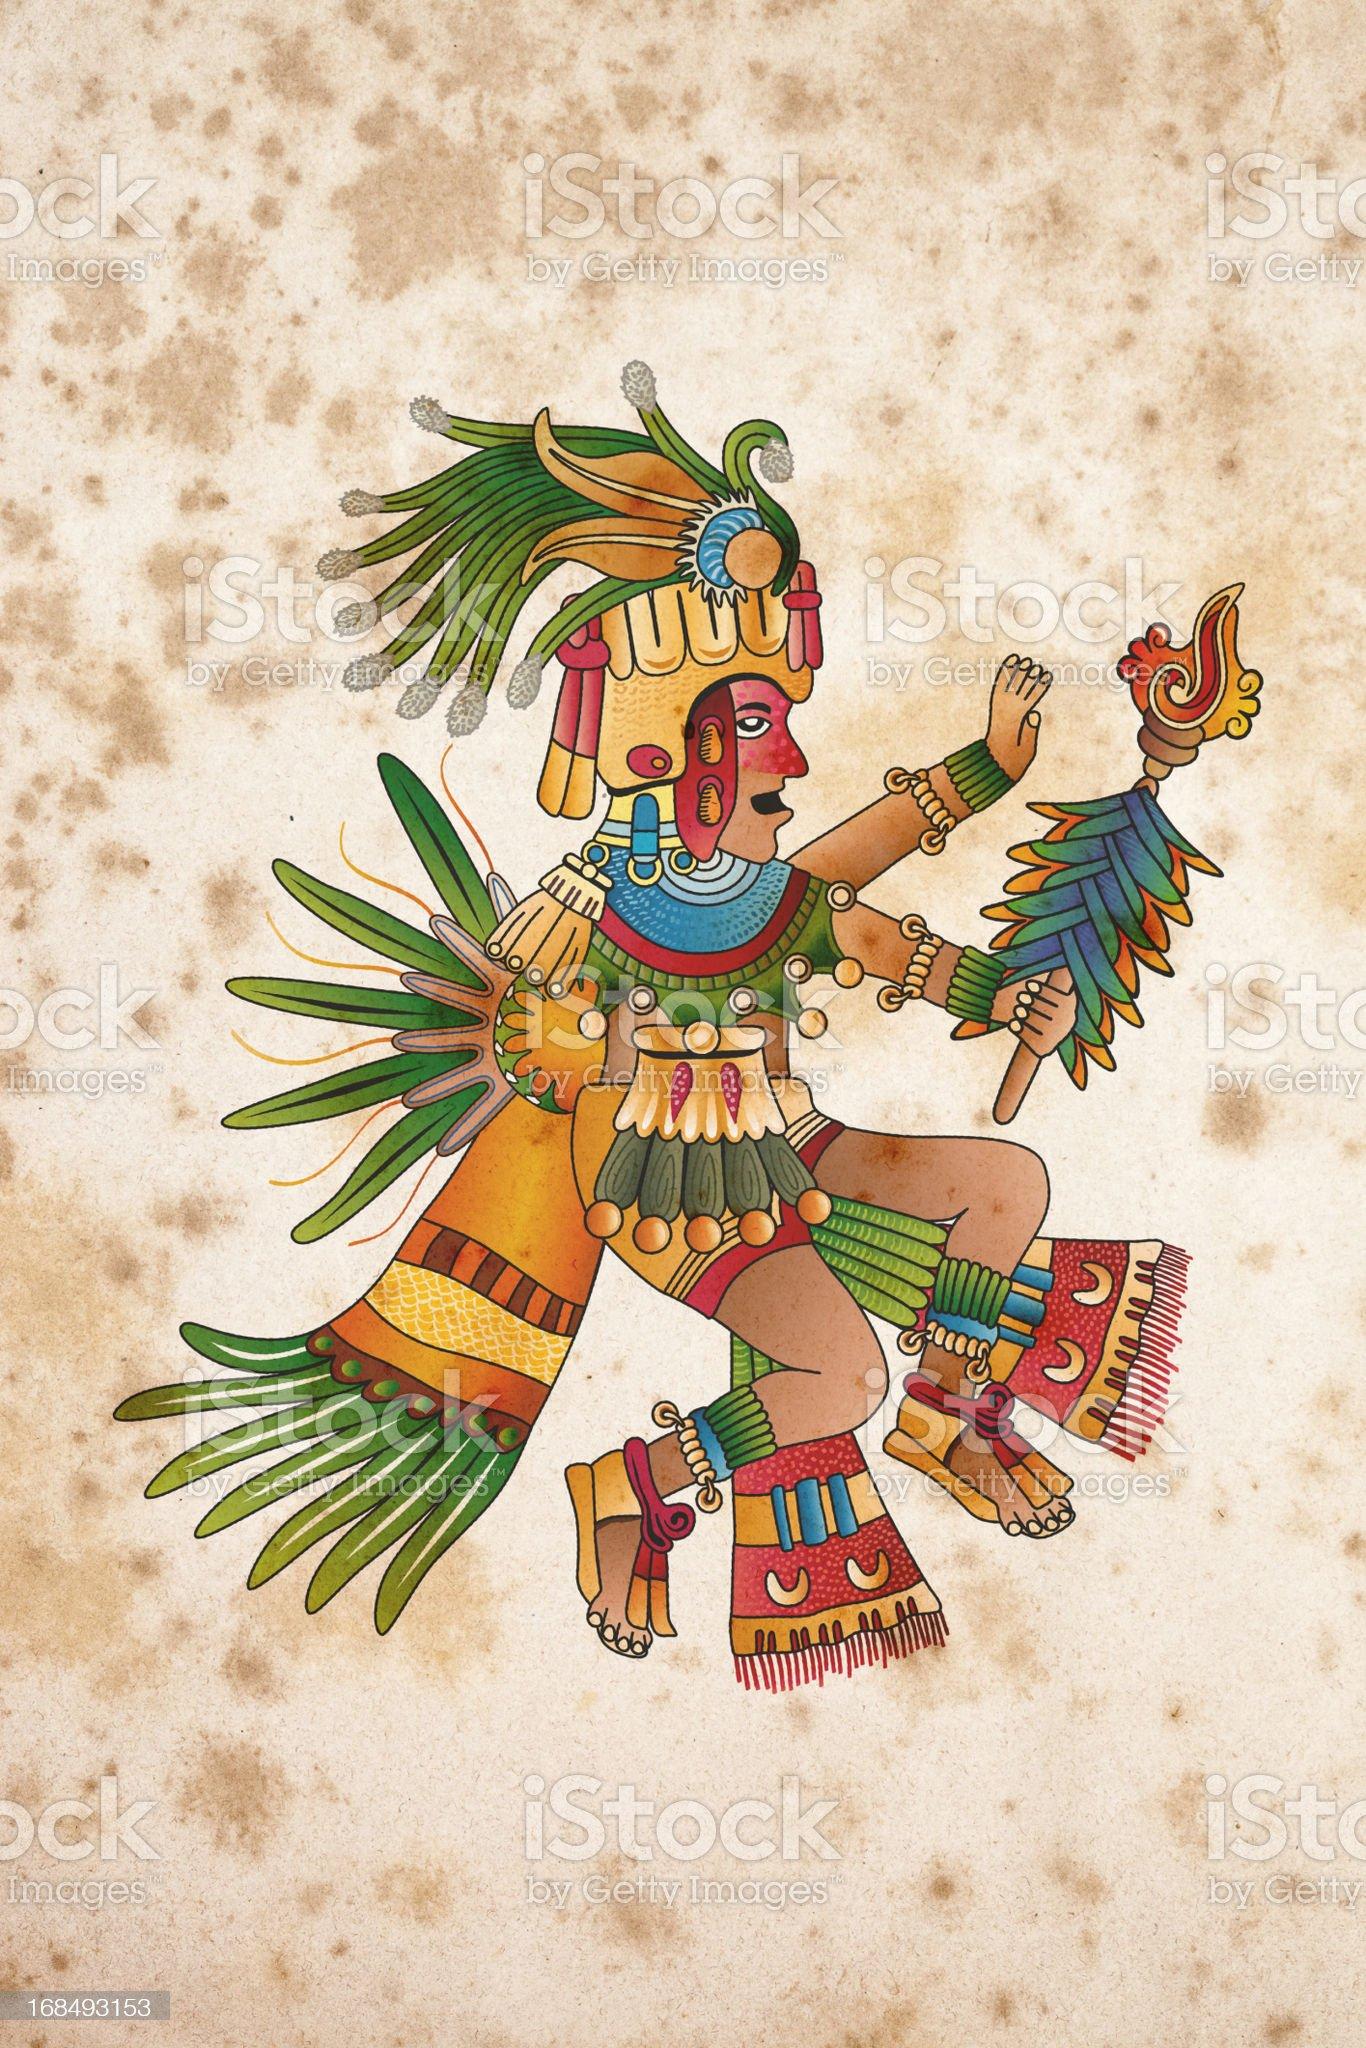 Curandero Aztecas de papel ilustración en illustracion libre de derechos libre de derechos